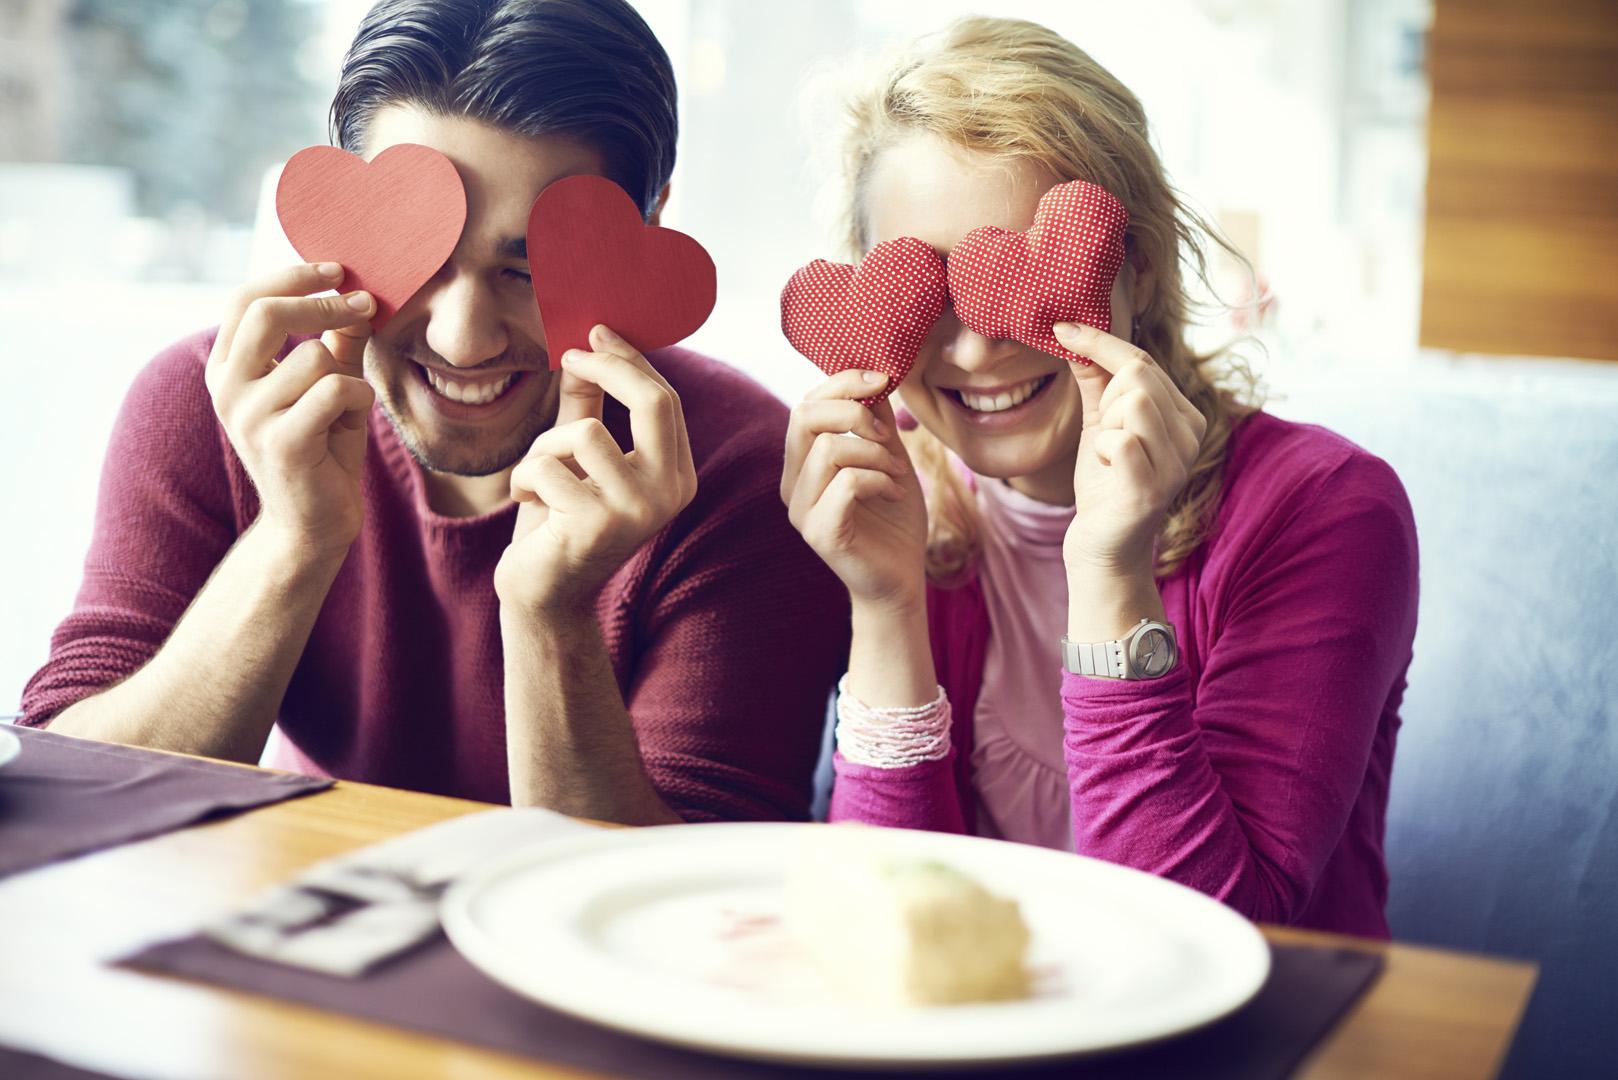 Unique Valentine's Day Date Ideas!